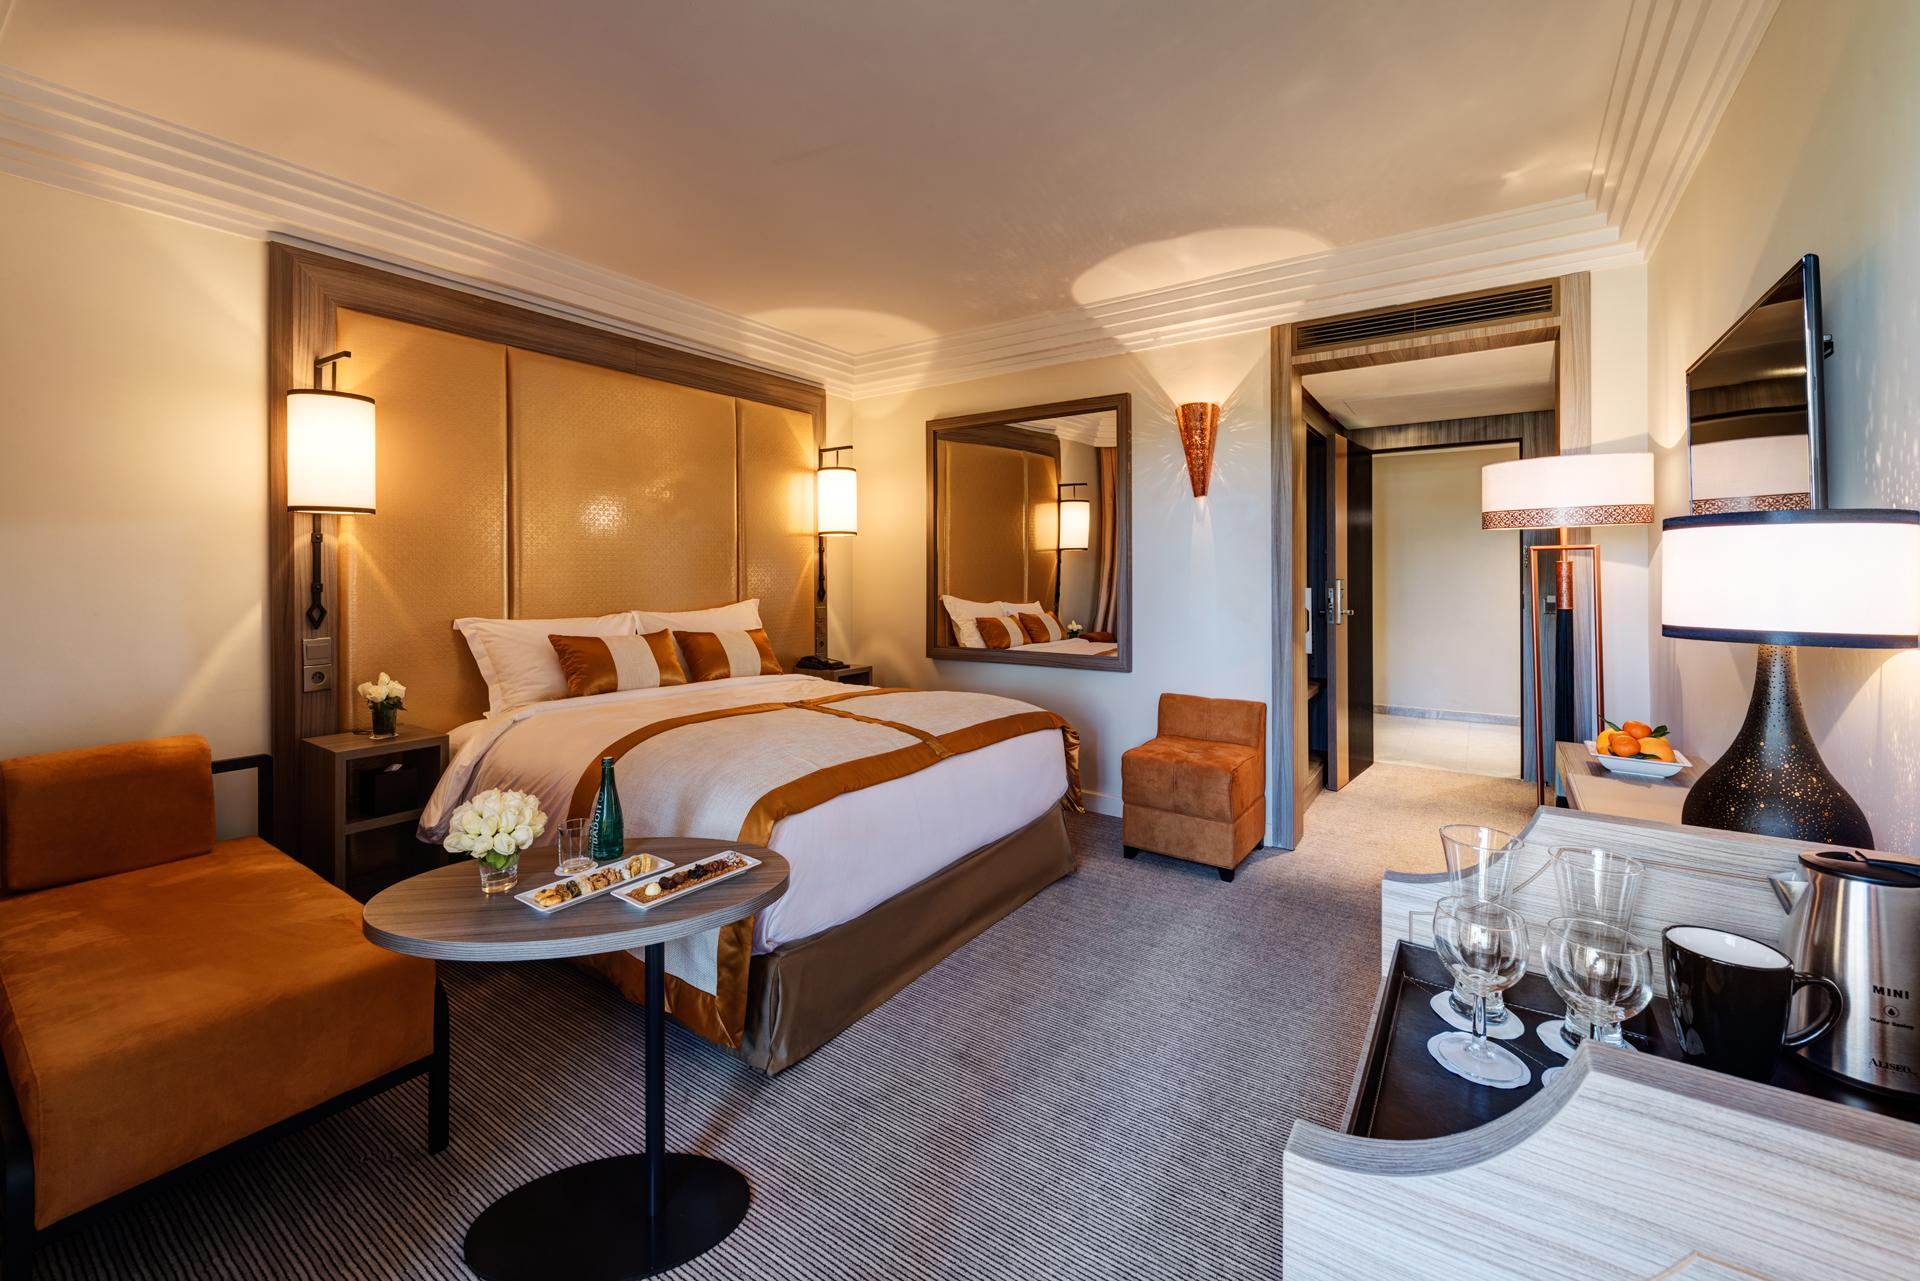 هتل رادیسون بلو مراکش کار ایدن شهر مراکش